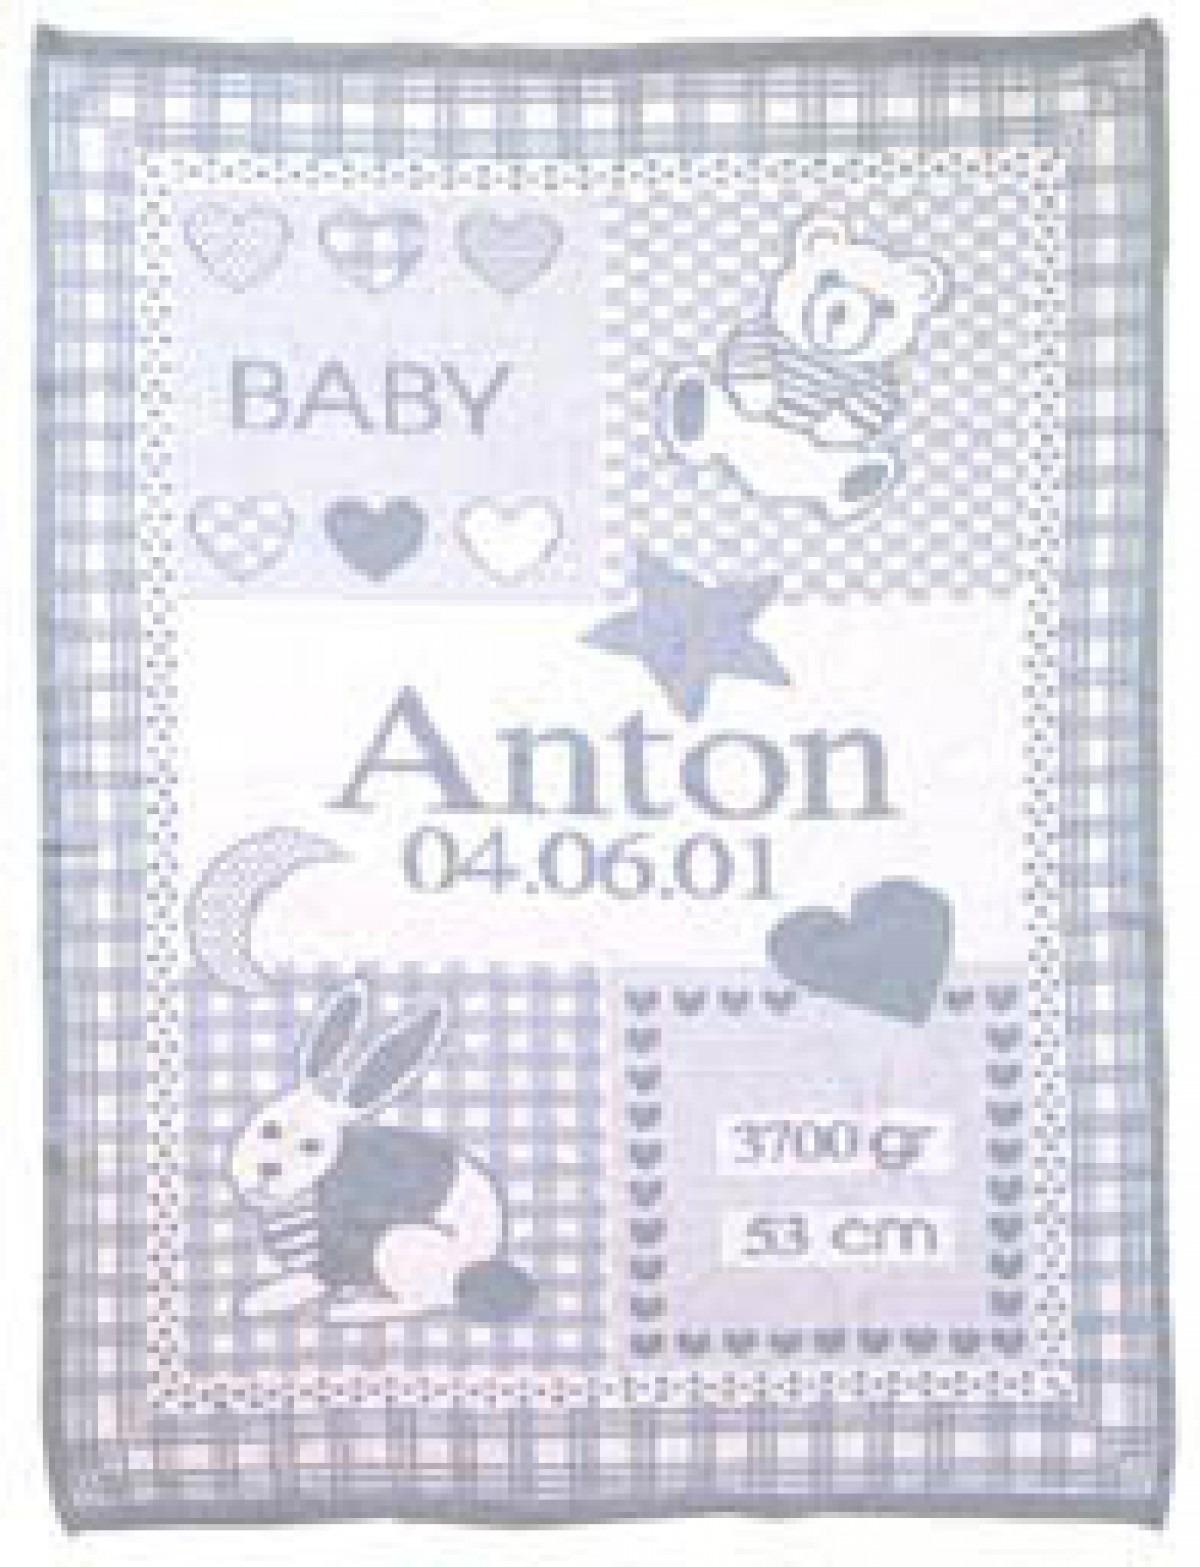 babydecke mit namen und geburtsdatum ikast etikett. Black Bedroom Furniture Sets. Home Design Ideas